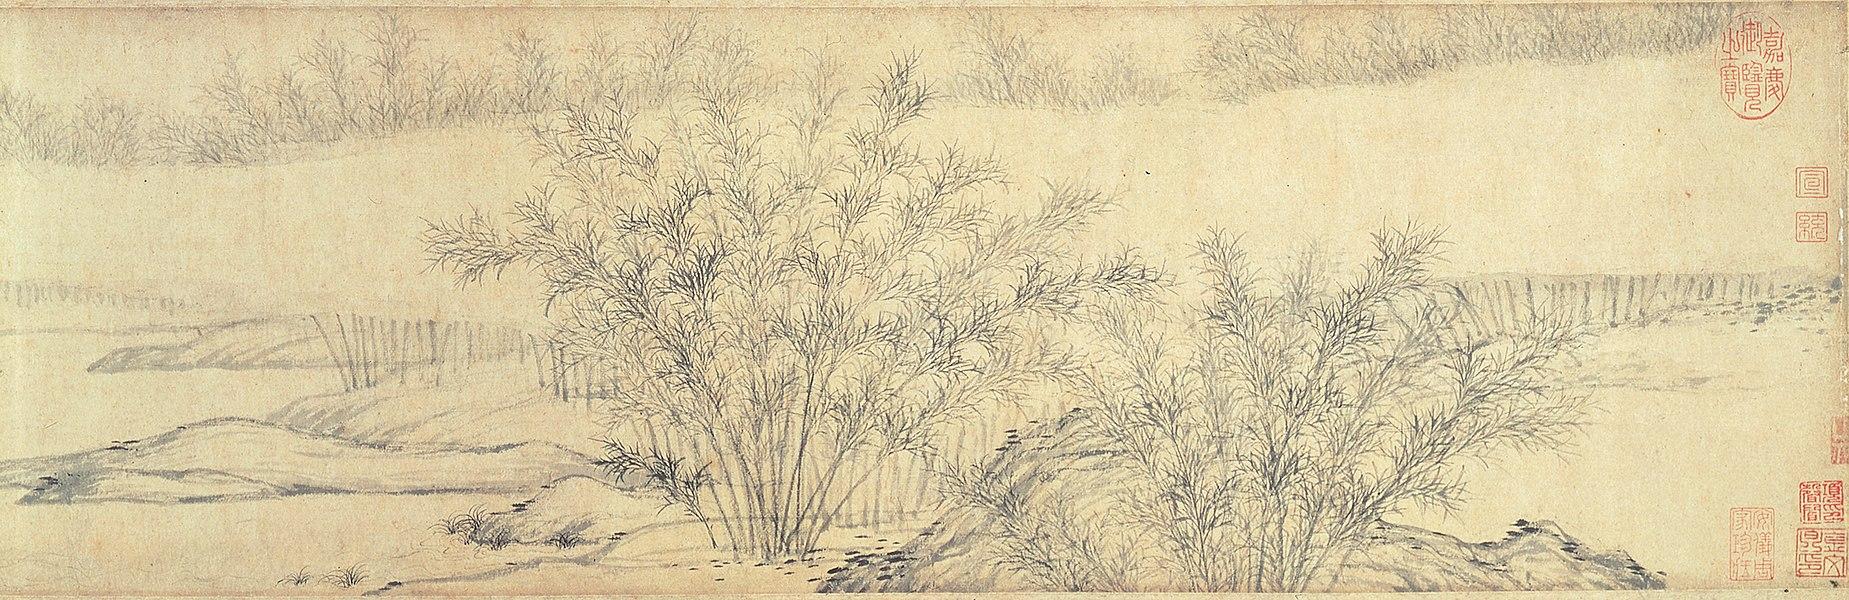 guan daosheng - image 1